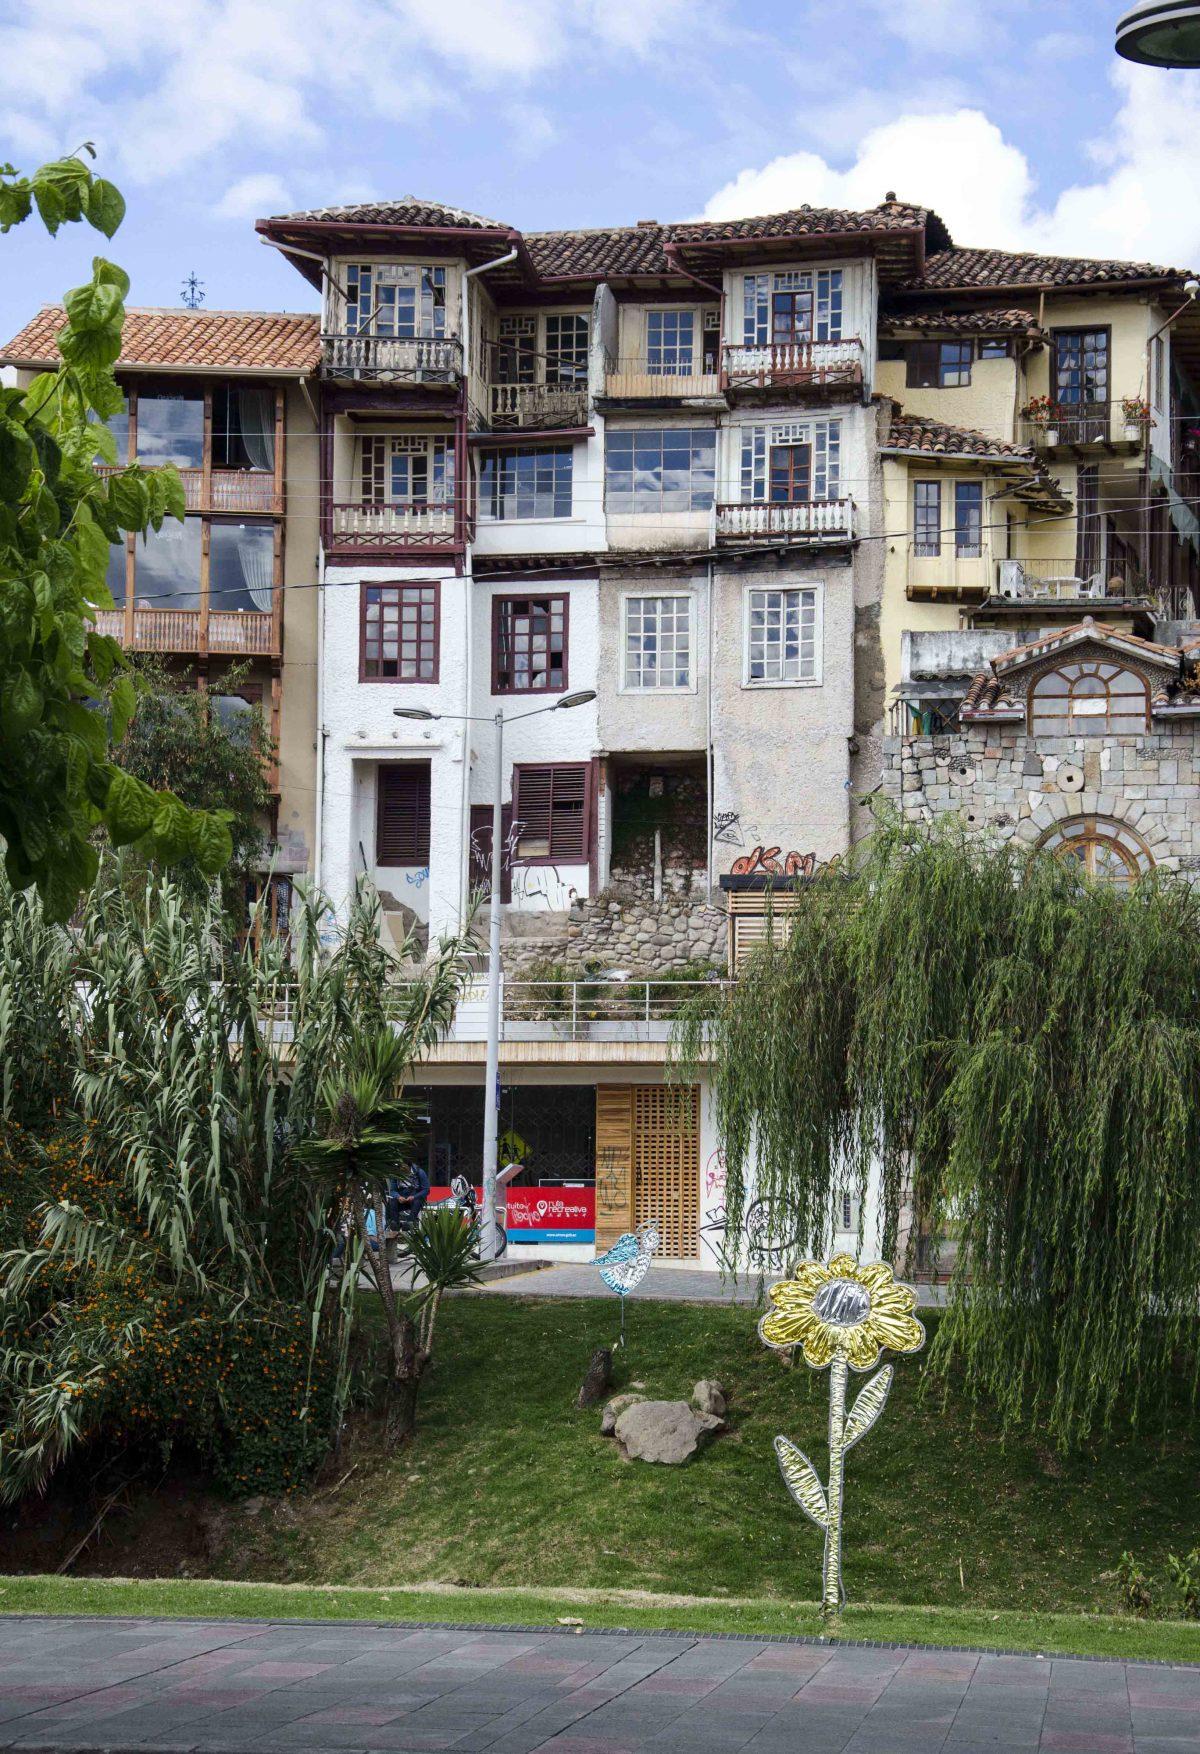 Houses near the Rio Tomebamba, Cuenca, Ecuador